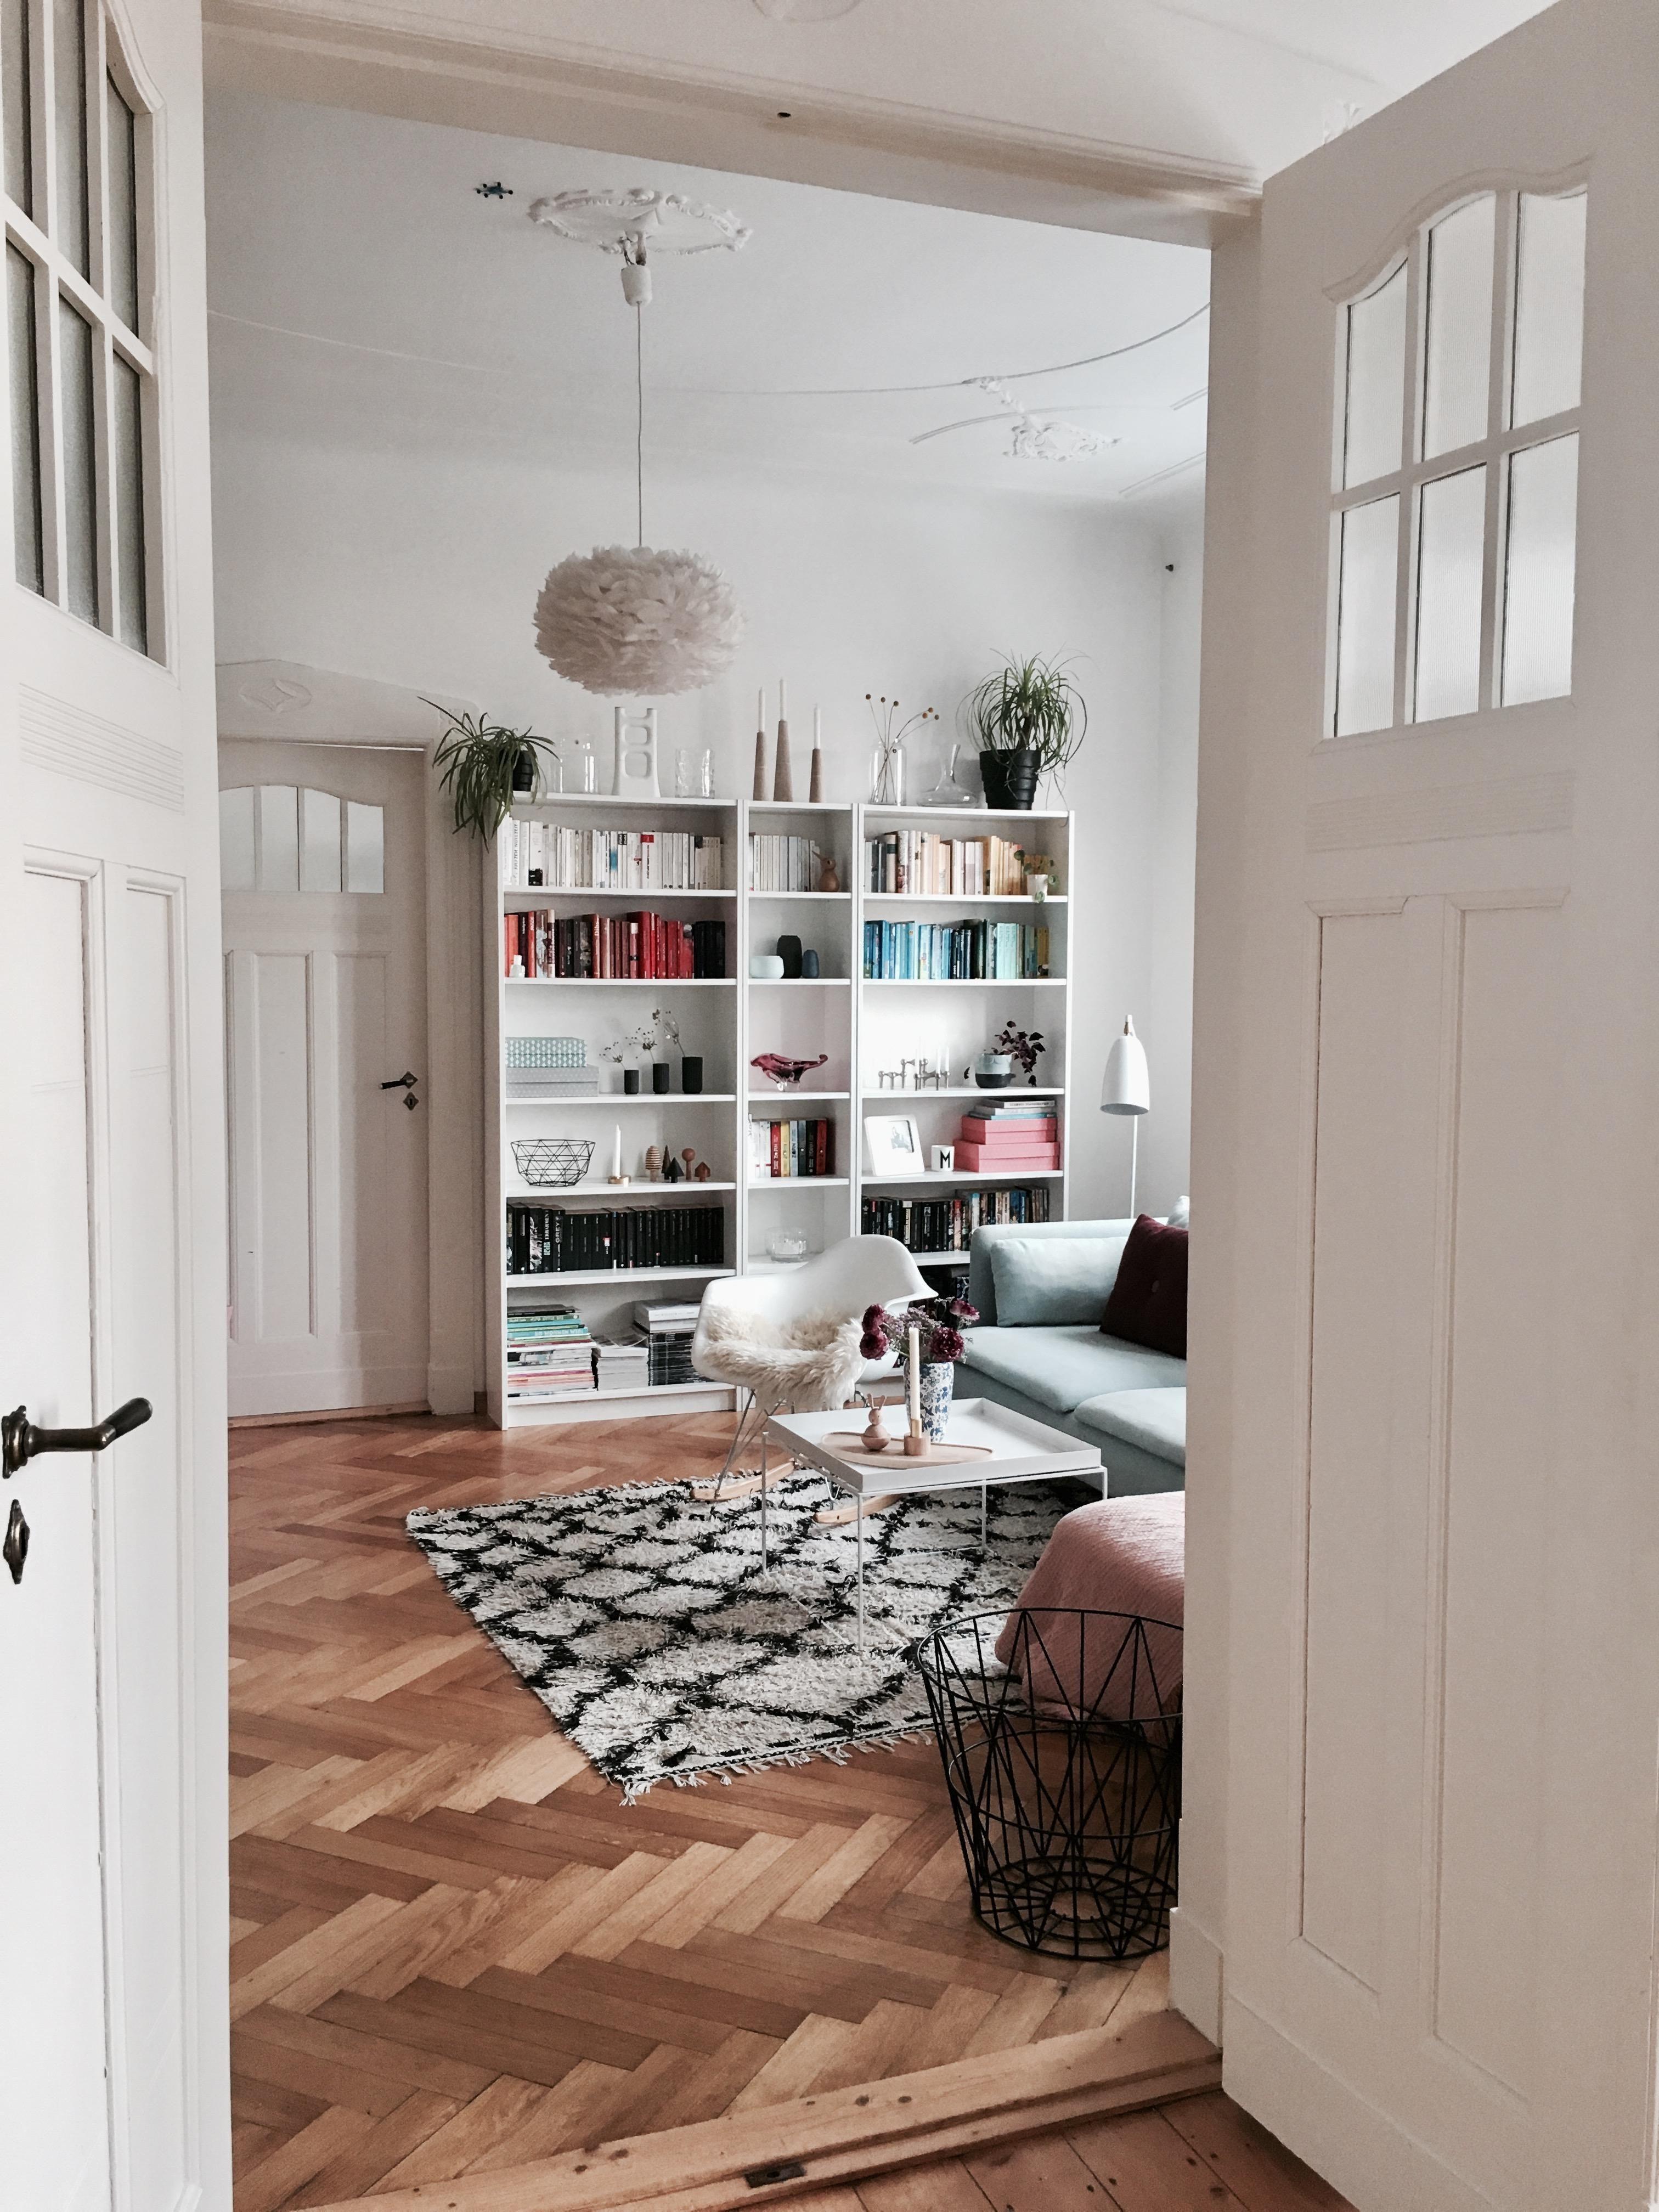 Attrayant #wohnzimmer #altbauwohnung #parkett #flügeltür #regalwand #